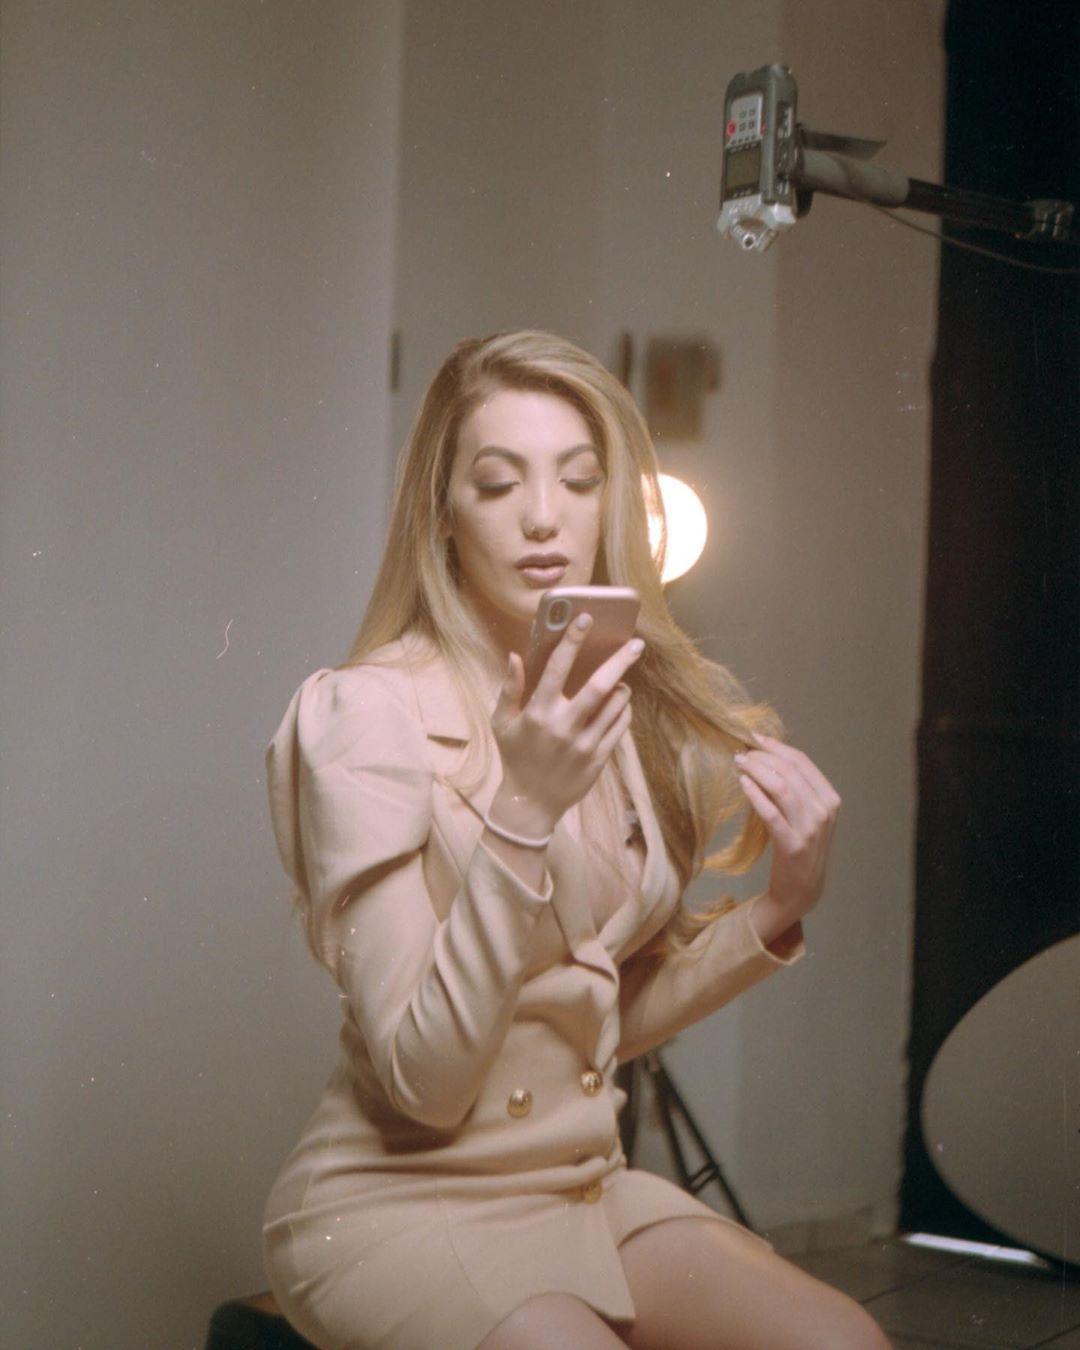 valentina fluchaire, miss international queen 2020. - Página 3 83919711